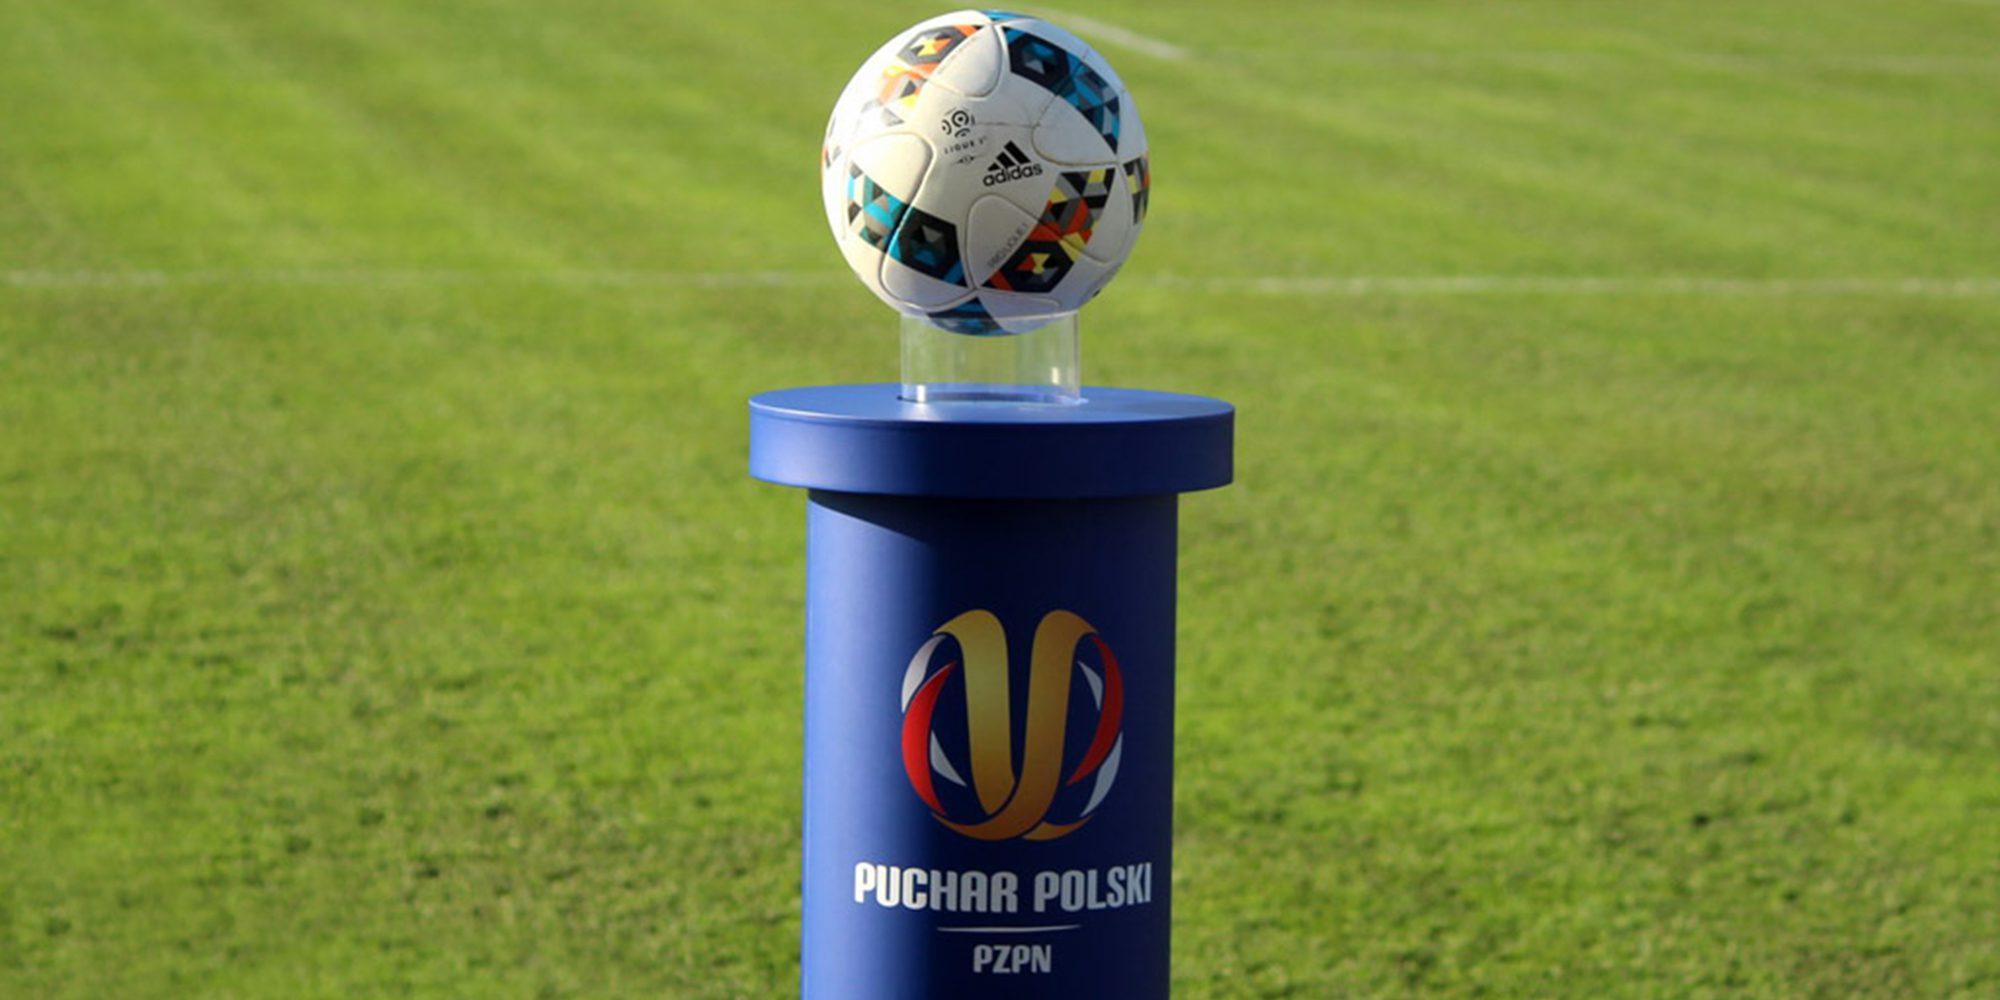 Puchar Polski. Piłka meczowa